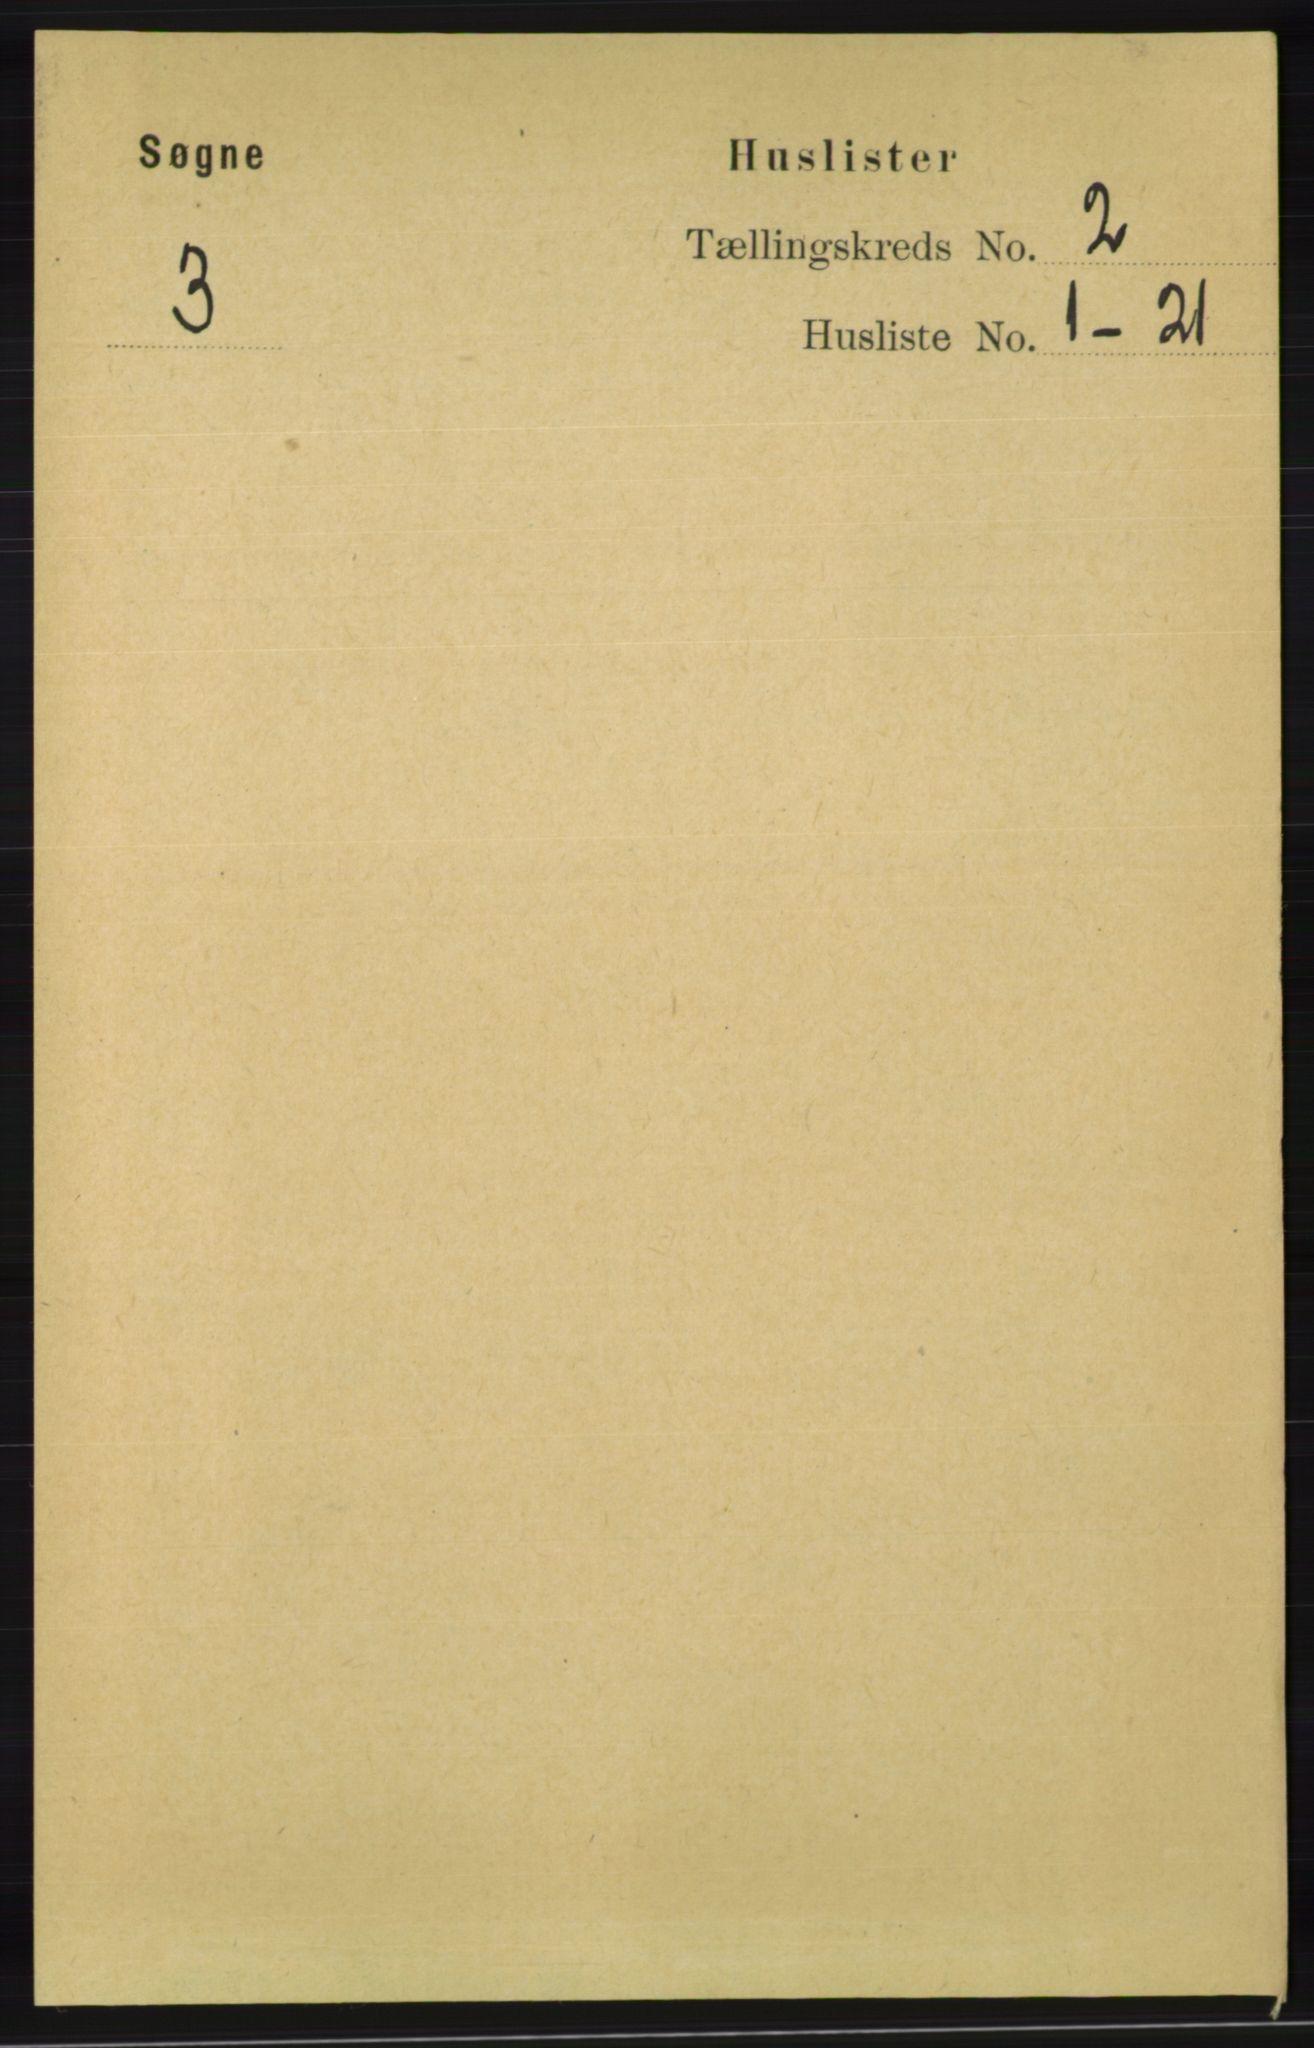 RA, Folketelling 1891 for 1018 Søgne herred, 1891, s. 134